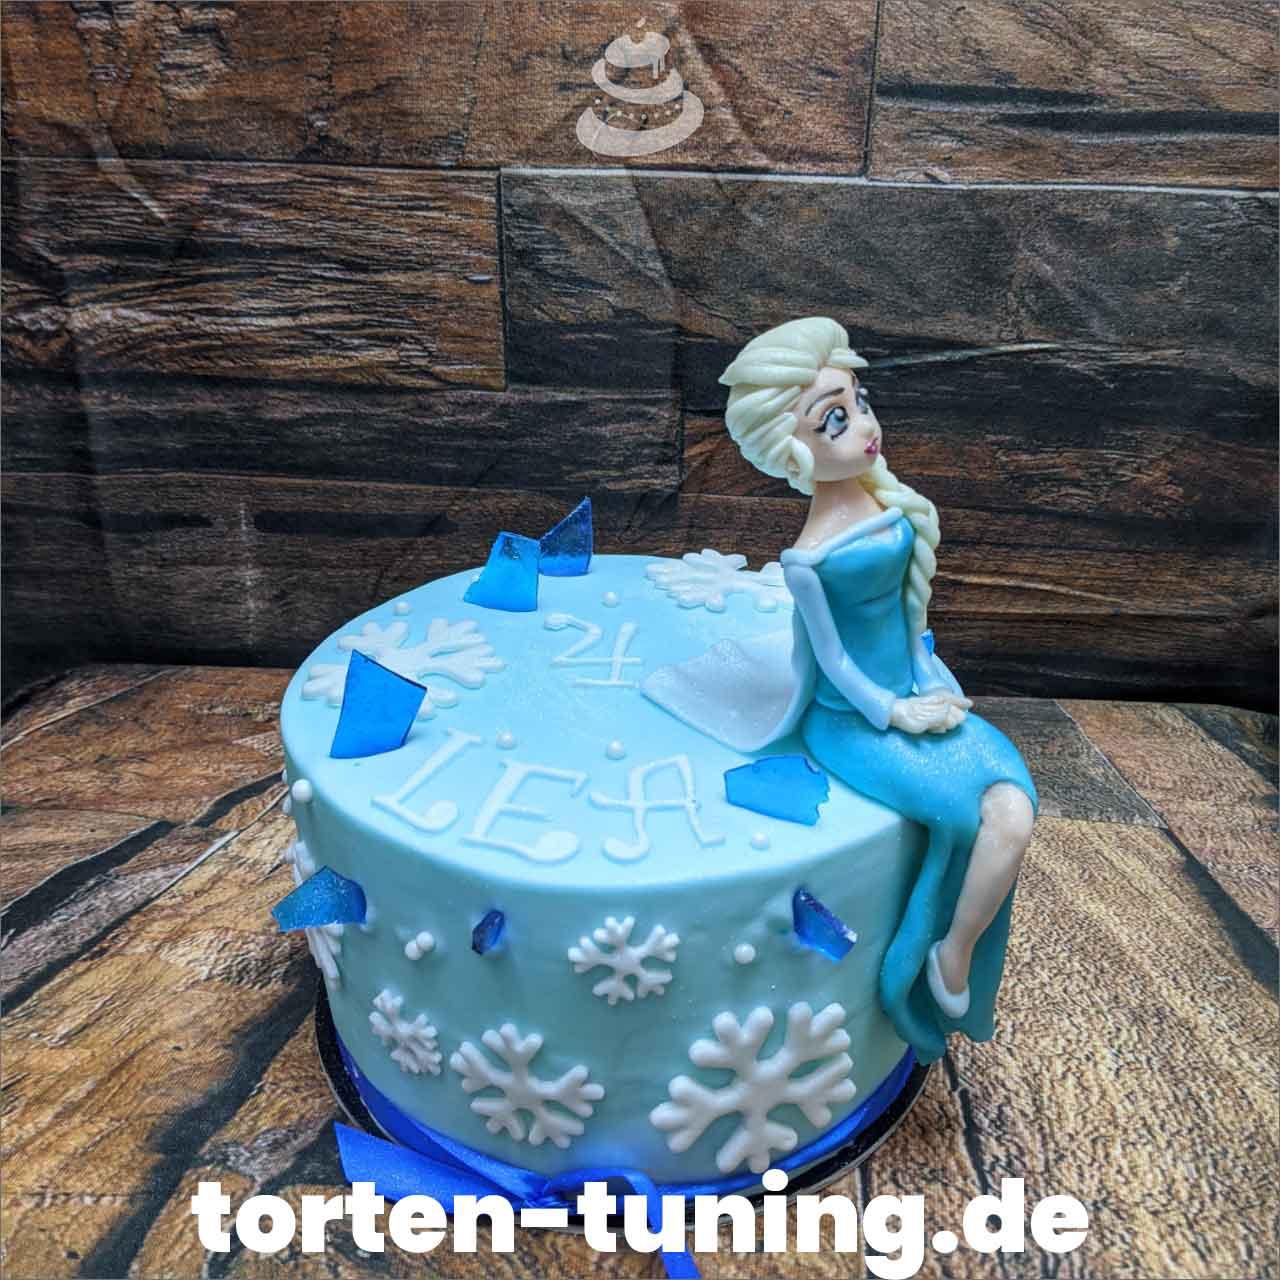 Elsa Torte Torten Tuning Tortendekoration Geburtstagstorten Suhl Thüringen Backzubehörshop online bestellen Jugendweihe modellierte Figur